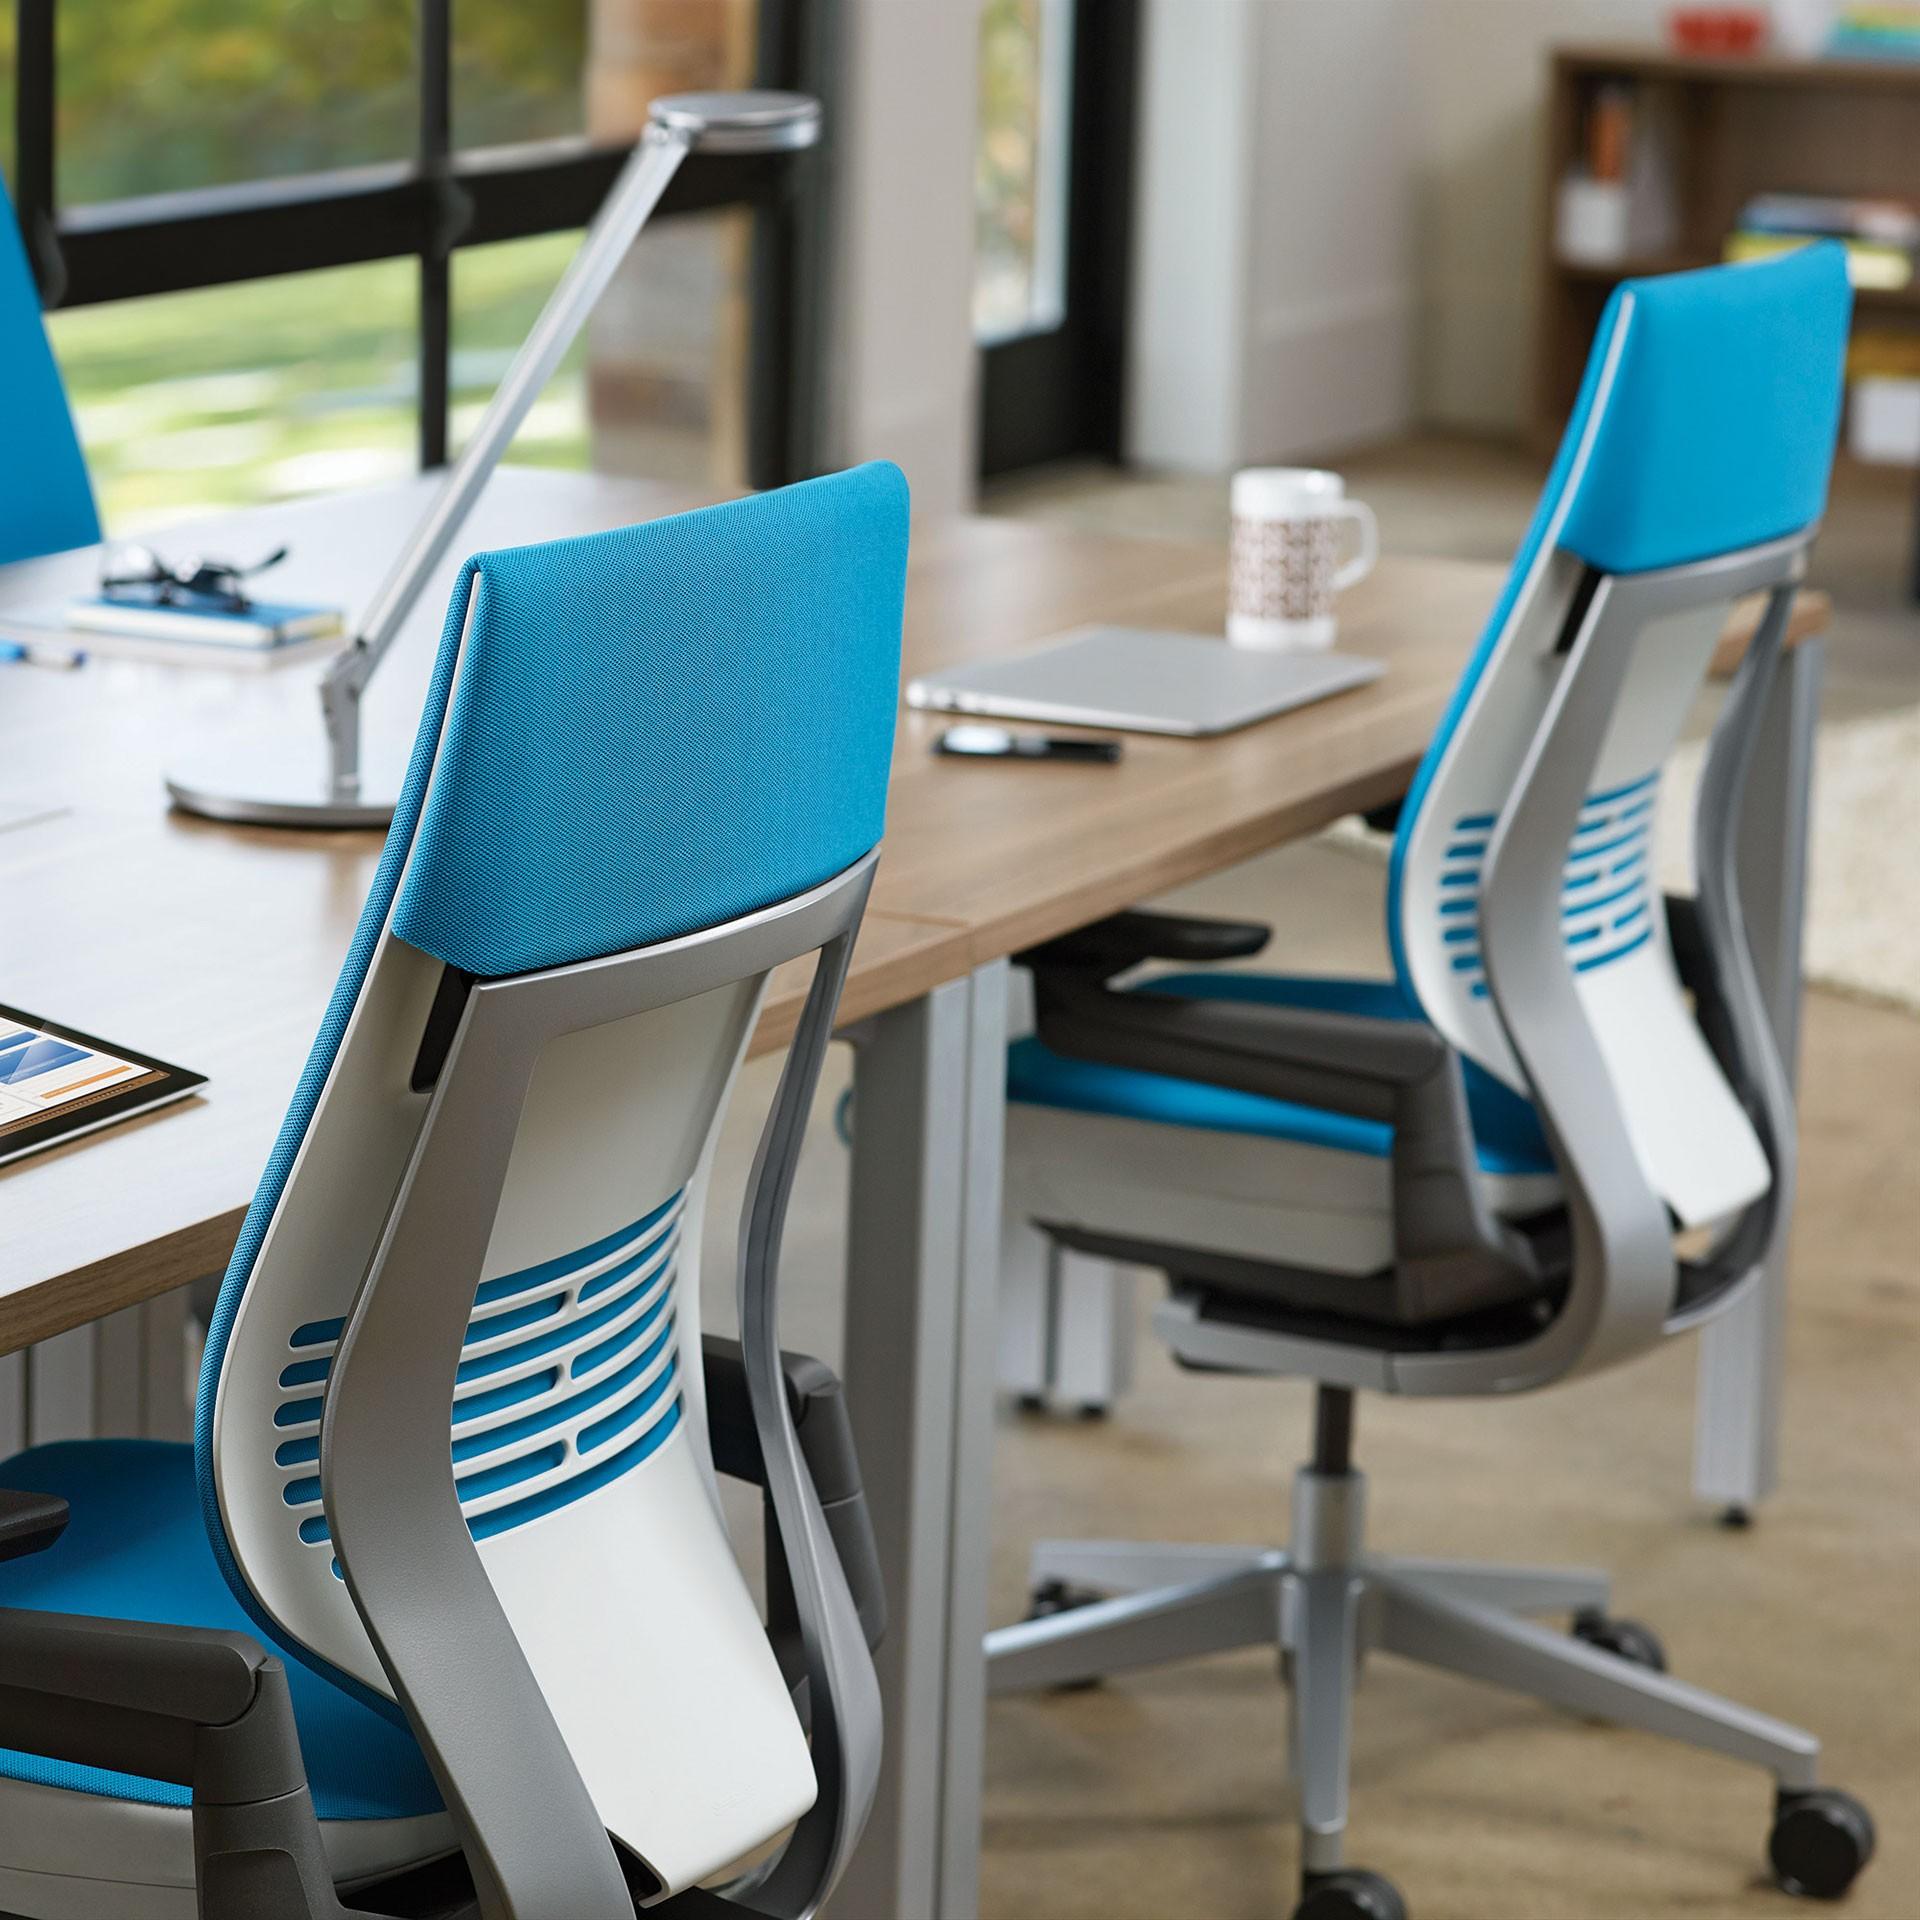 la meilleure chaise de bureau et de jeu quel est le meilleur pour votre sant health all in one. Black Bedroom Furniture Sets. Home Design Ideas